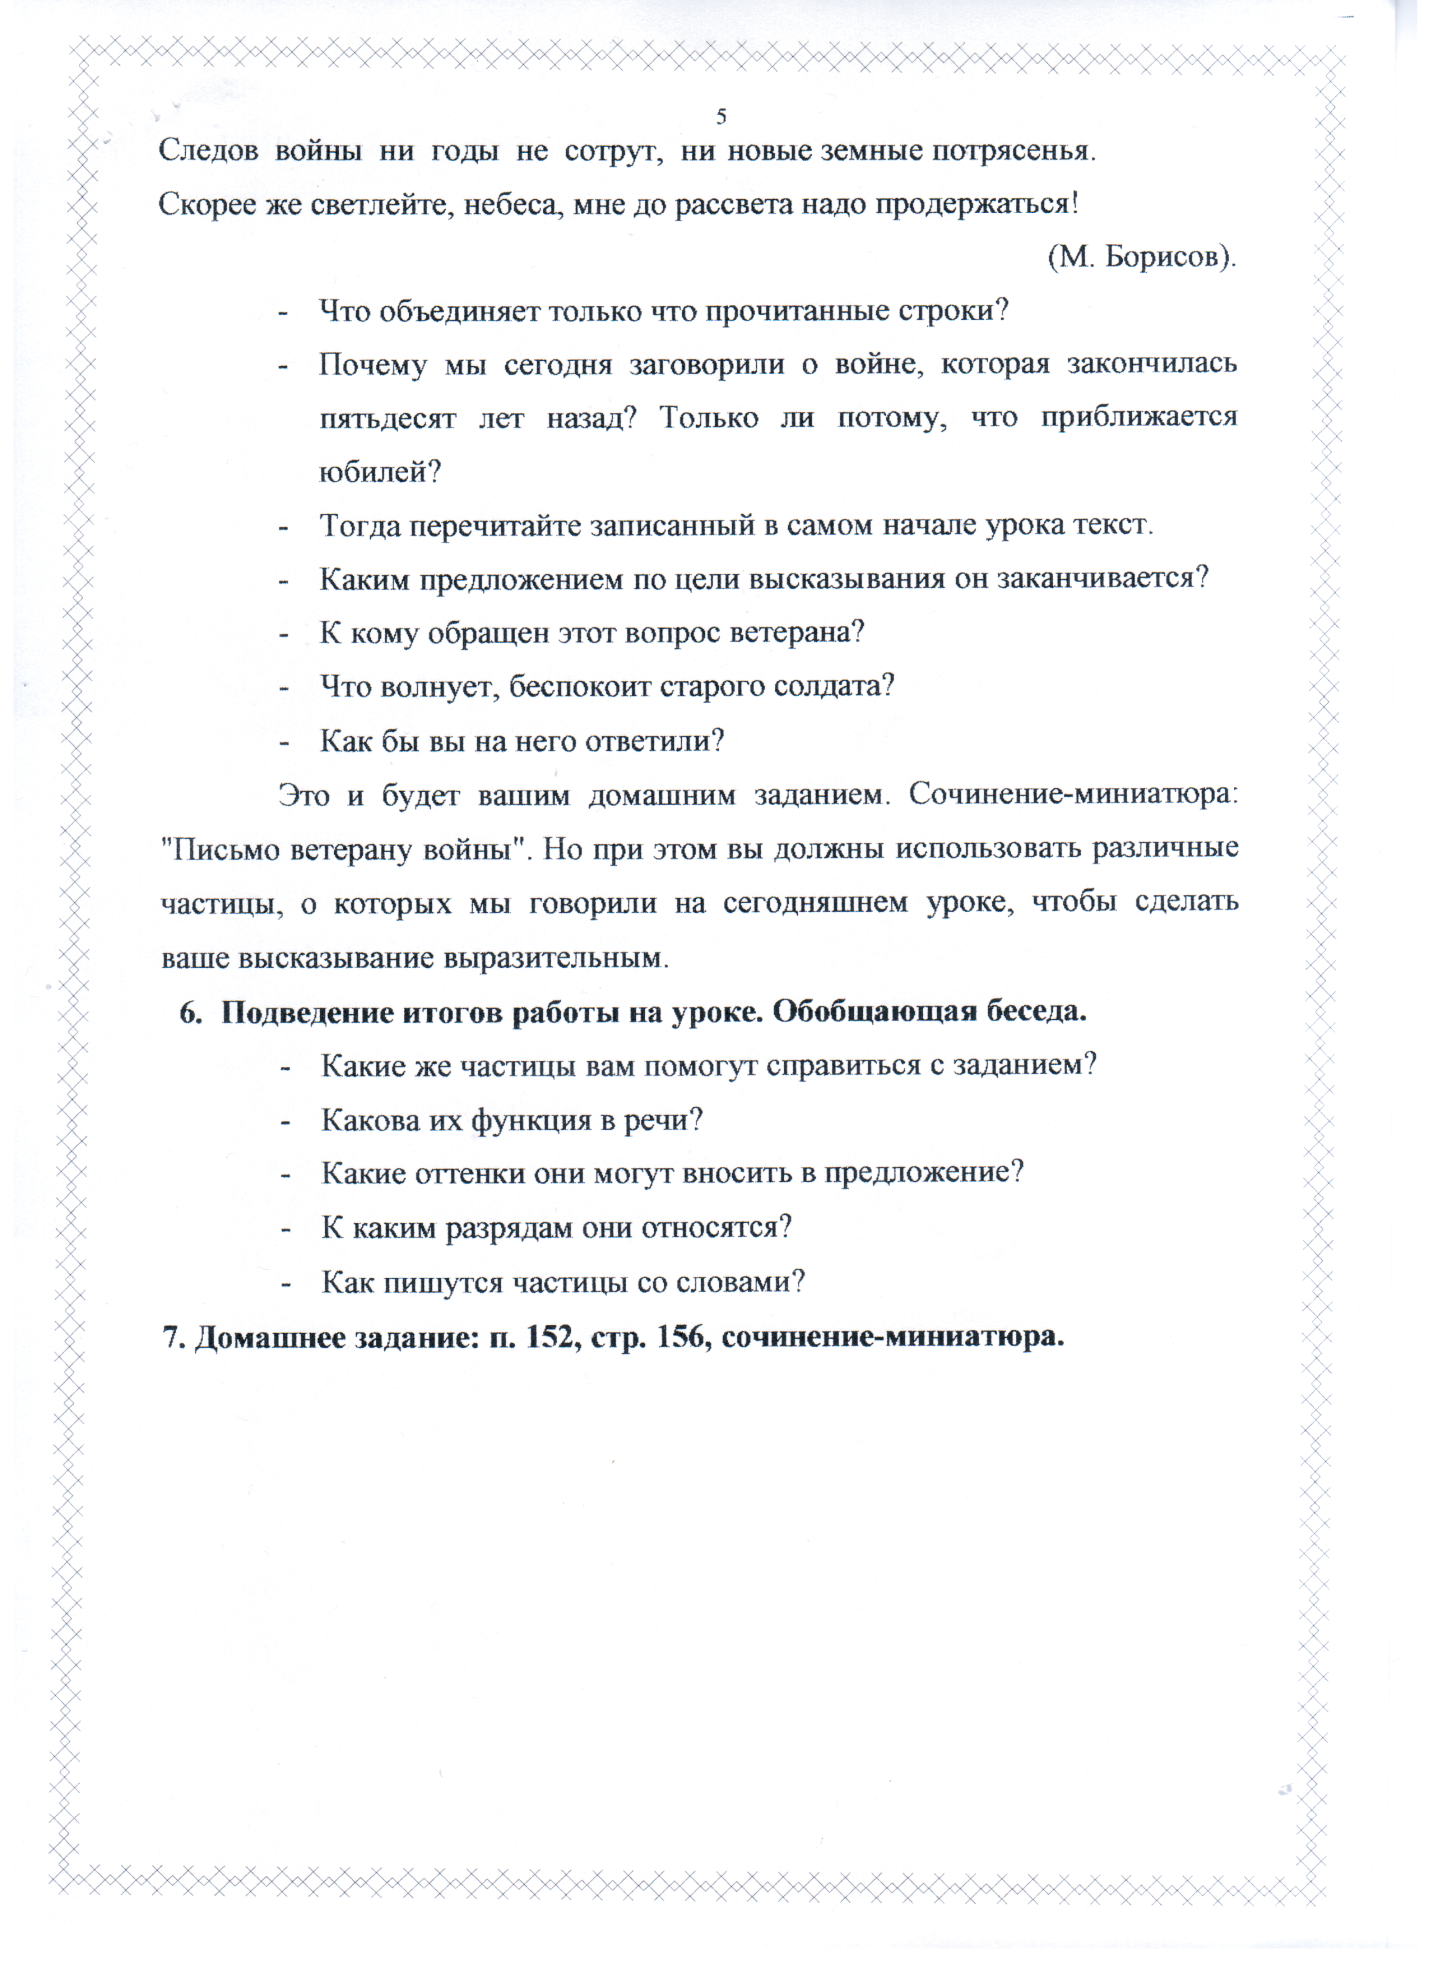 Отсканировано 14.01.2015 0-06 (6).bmp